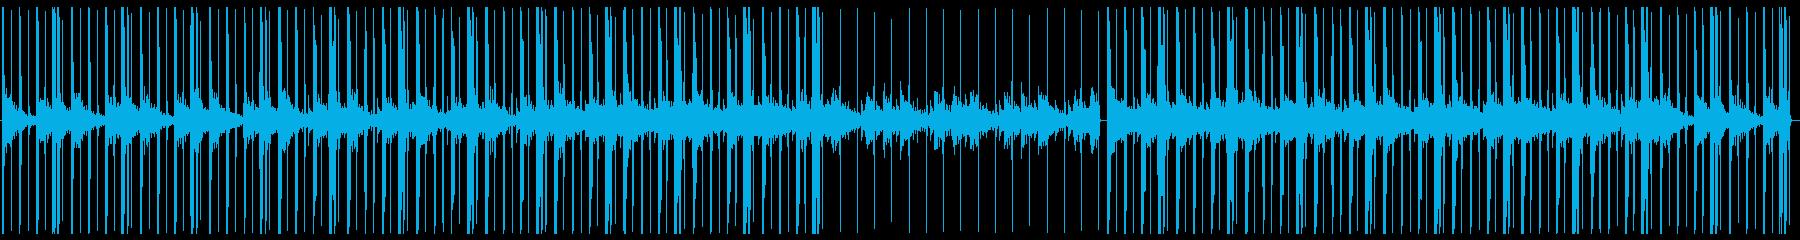 チルアウト・ローファイヒップホップ・Fの再生済みの波形